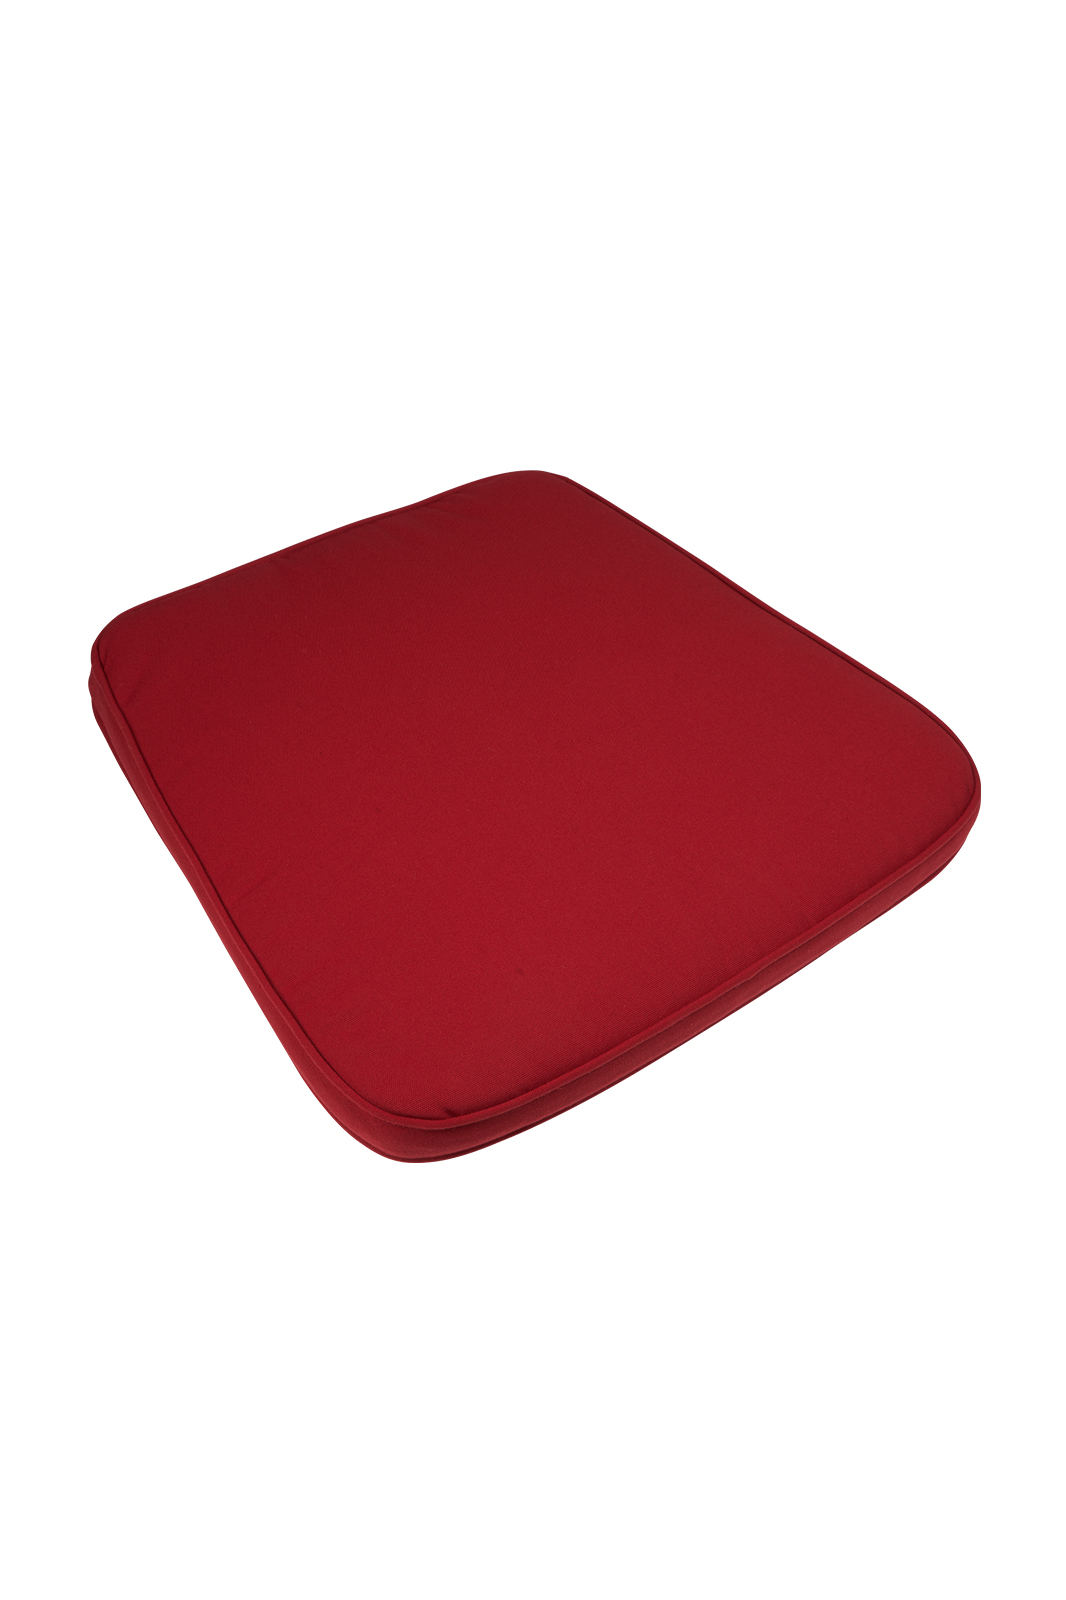 kussen lloyd loom stoel 3504 rood